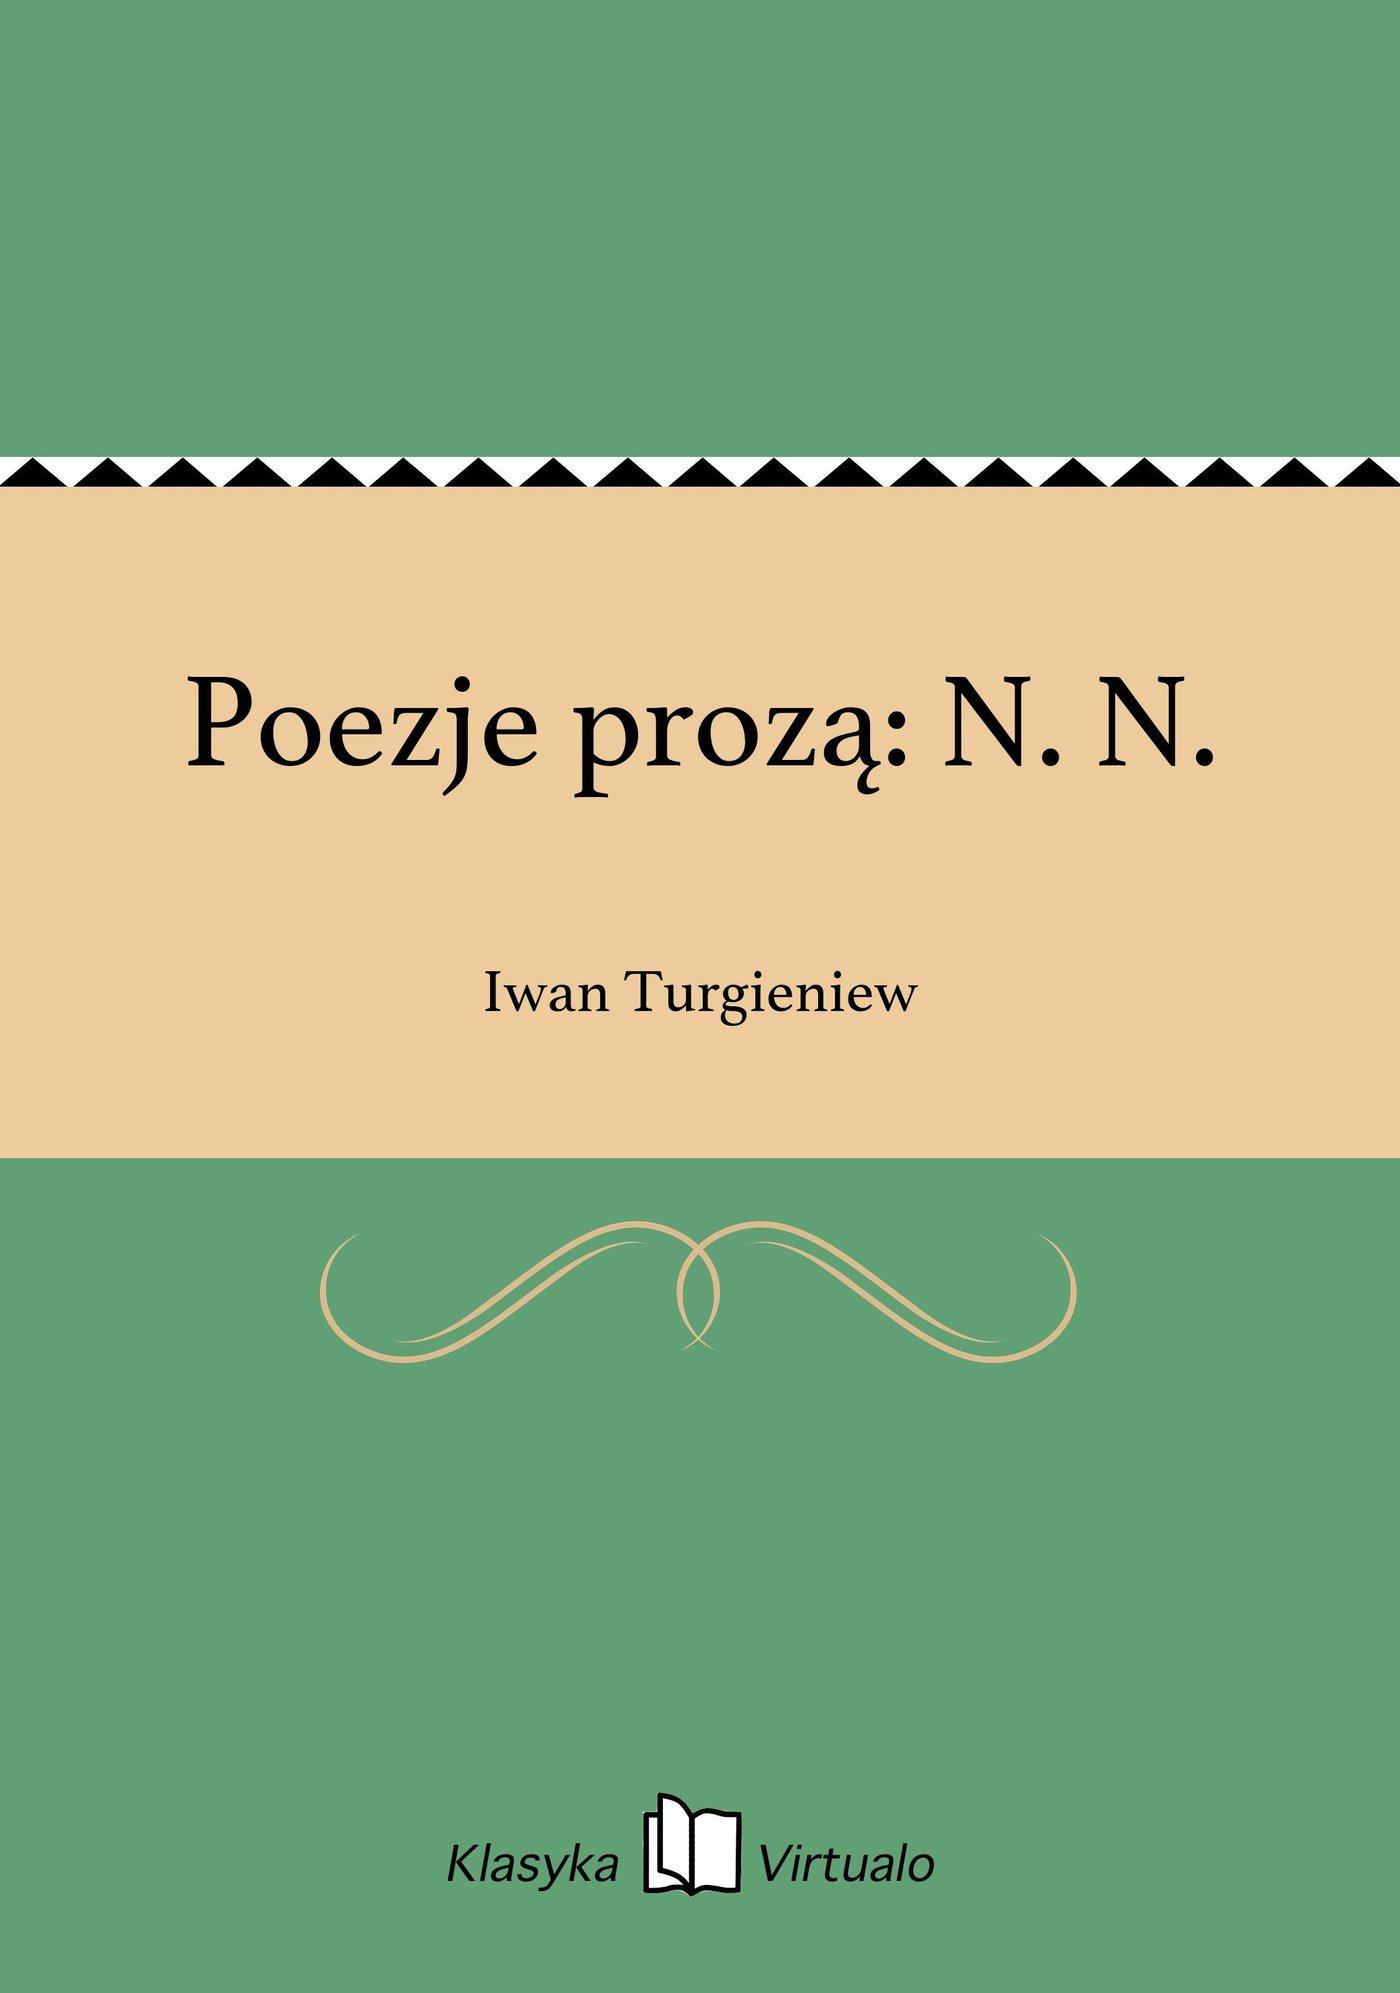 Poezje prozą: N. N. - Ebook (Książka EPUB) do pobrania w formacie EPUB